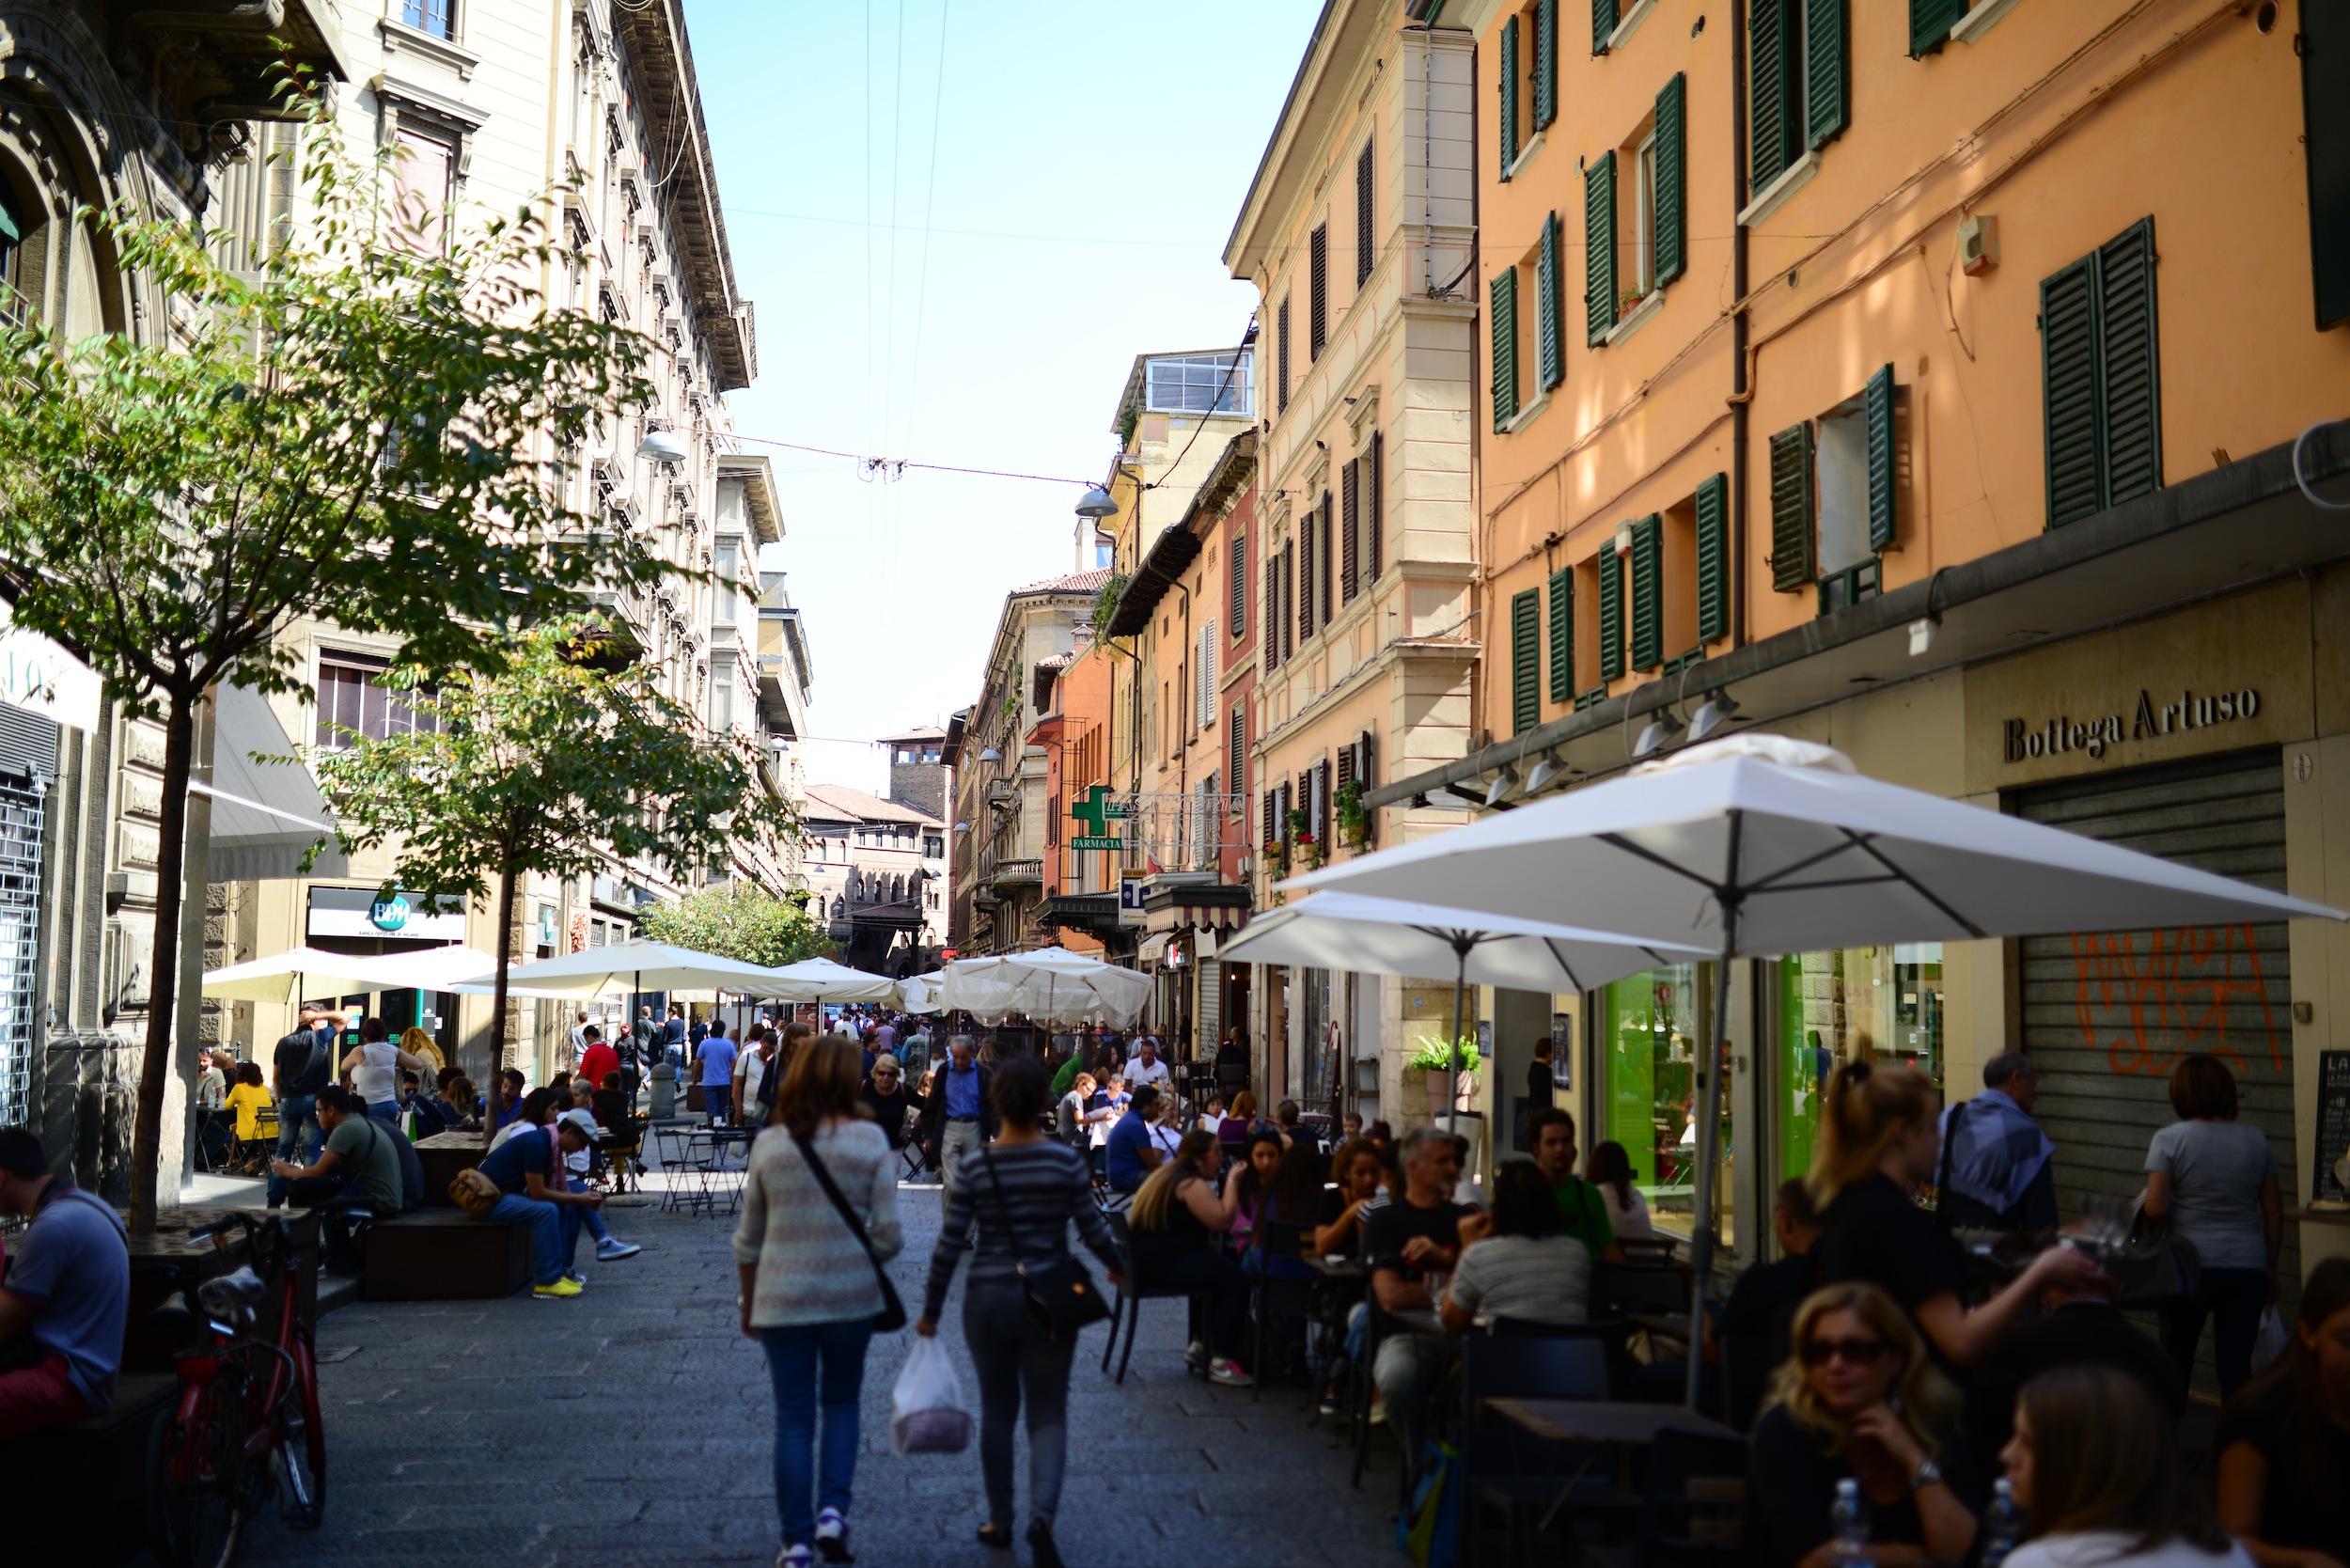 Aperitivo a Bologna: 5 imperdibili locali storici